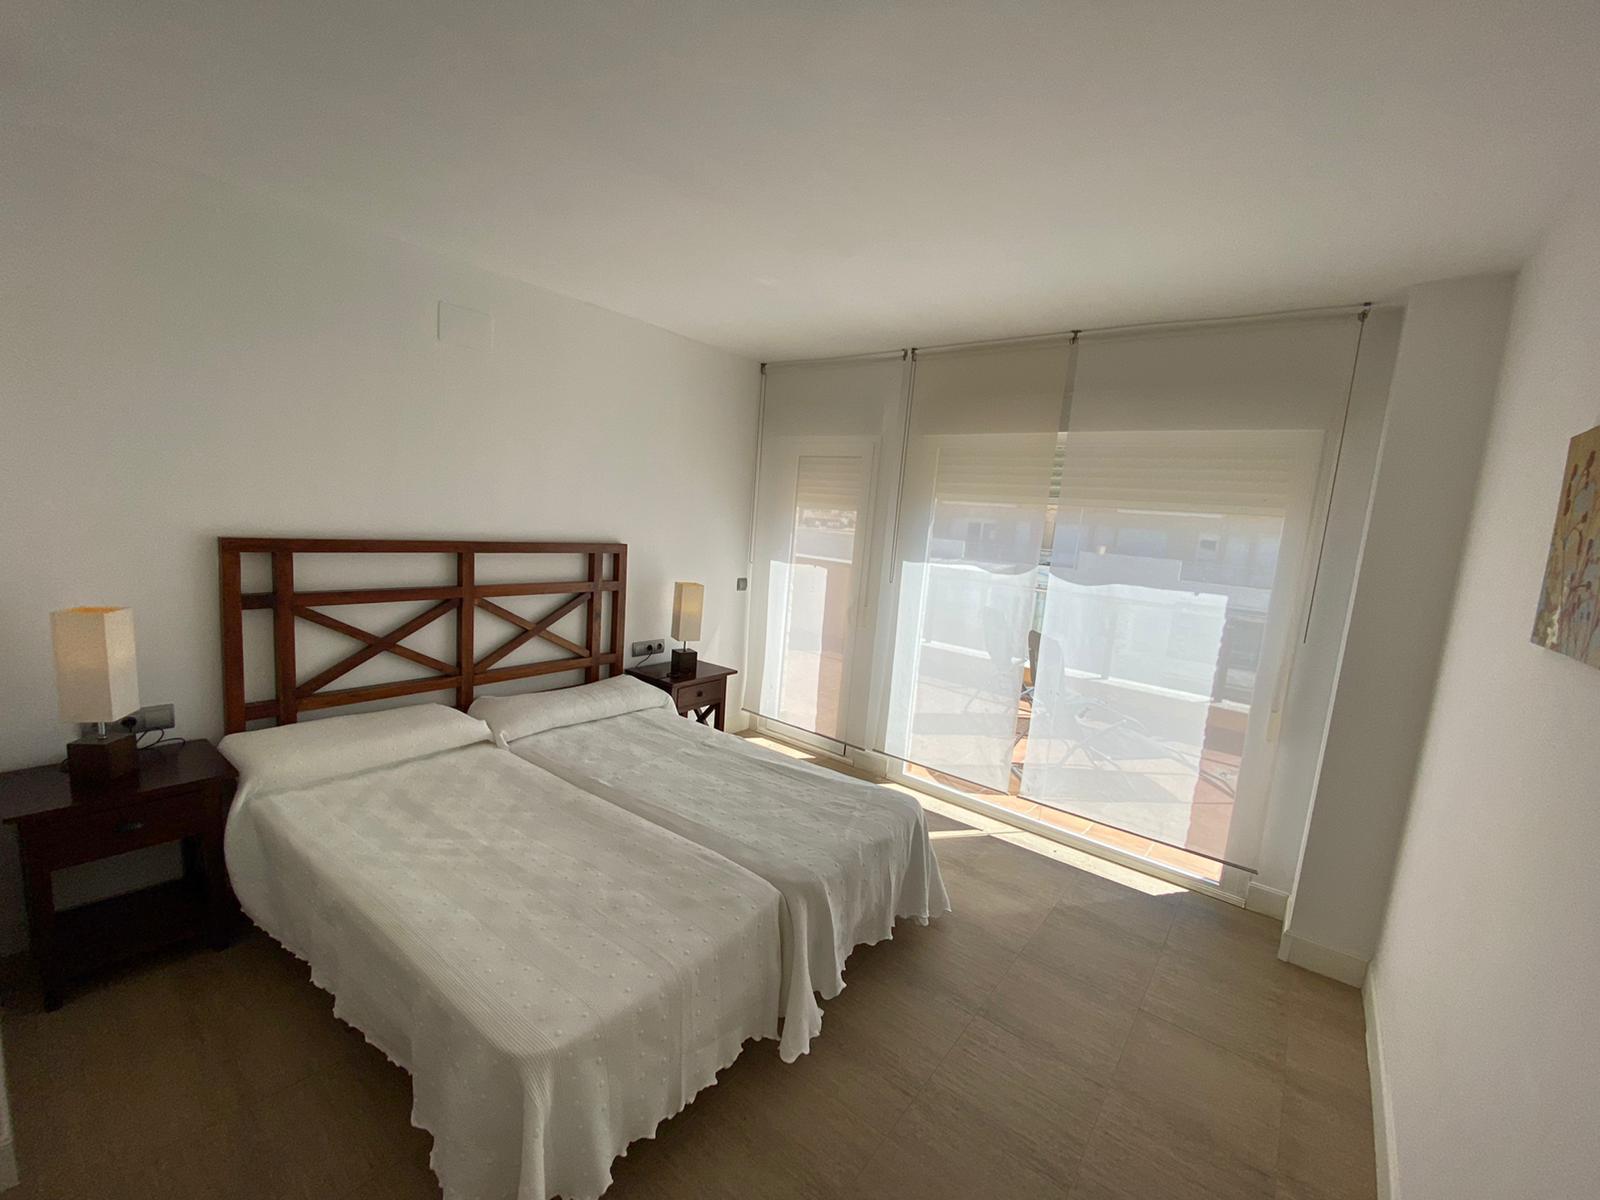 Imagen 22 del Apartamento Turístico, Ático 6 Poniente (3d+2b), Punta del Moral (HUELVA), Paseo de la Cruz nº22